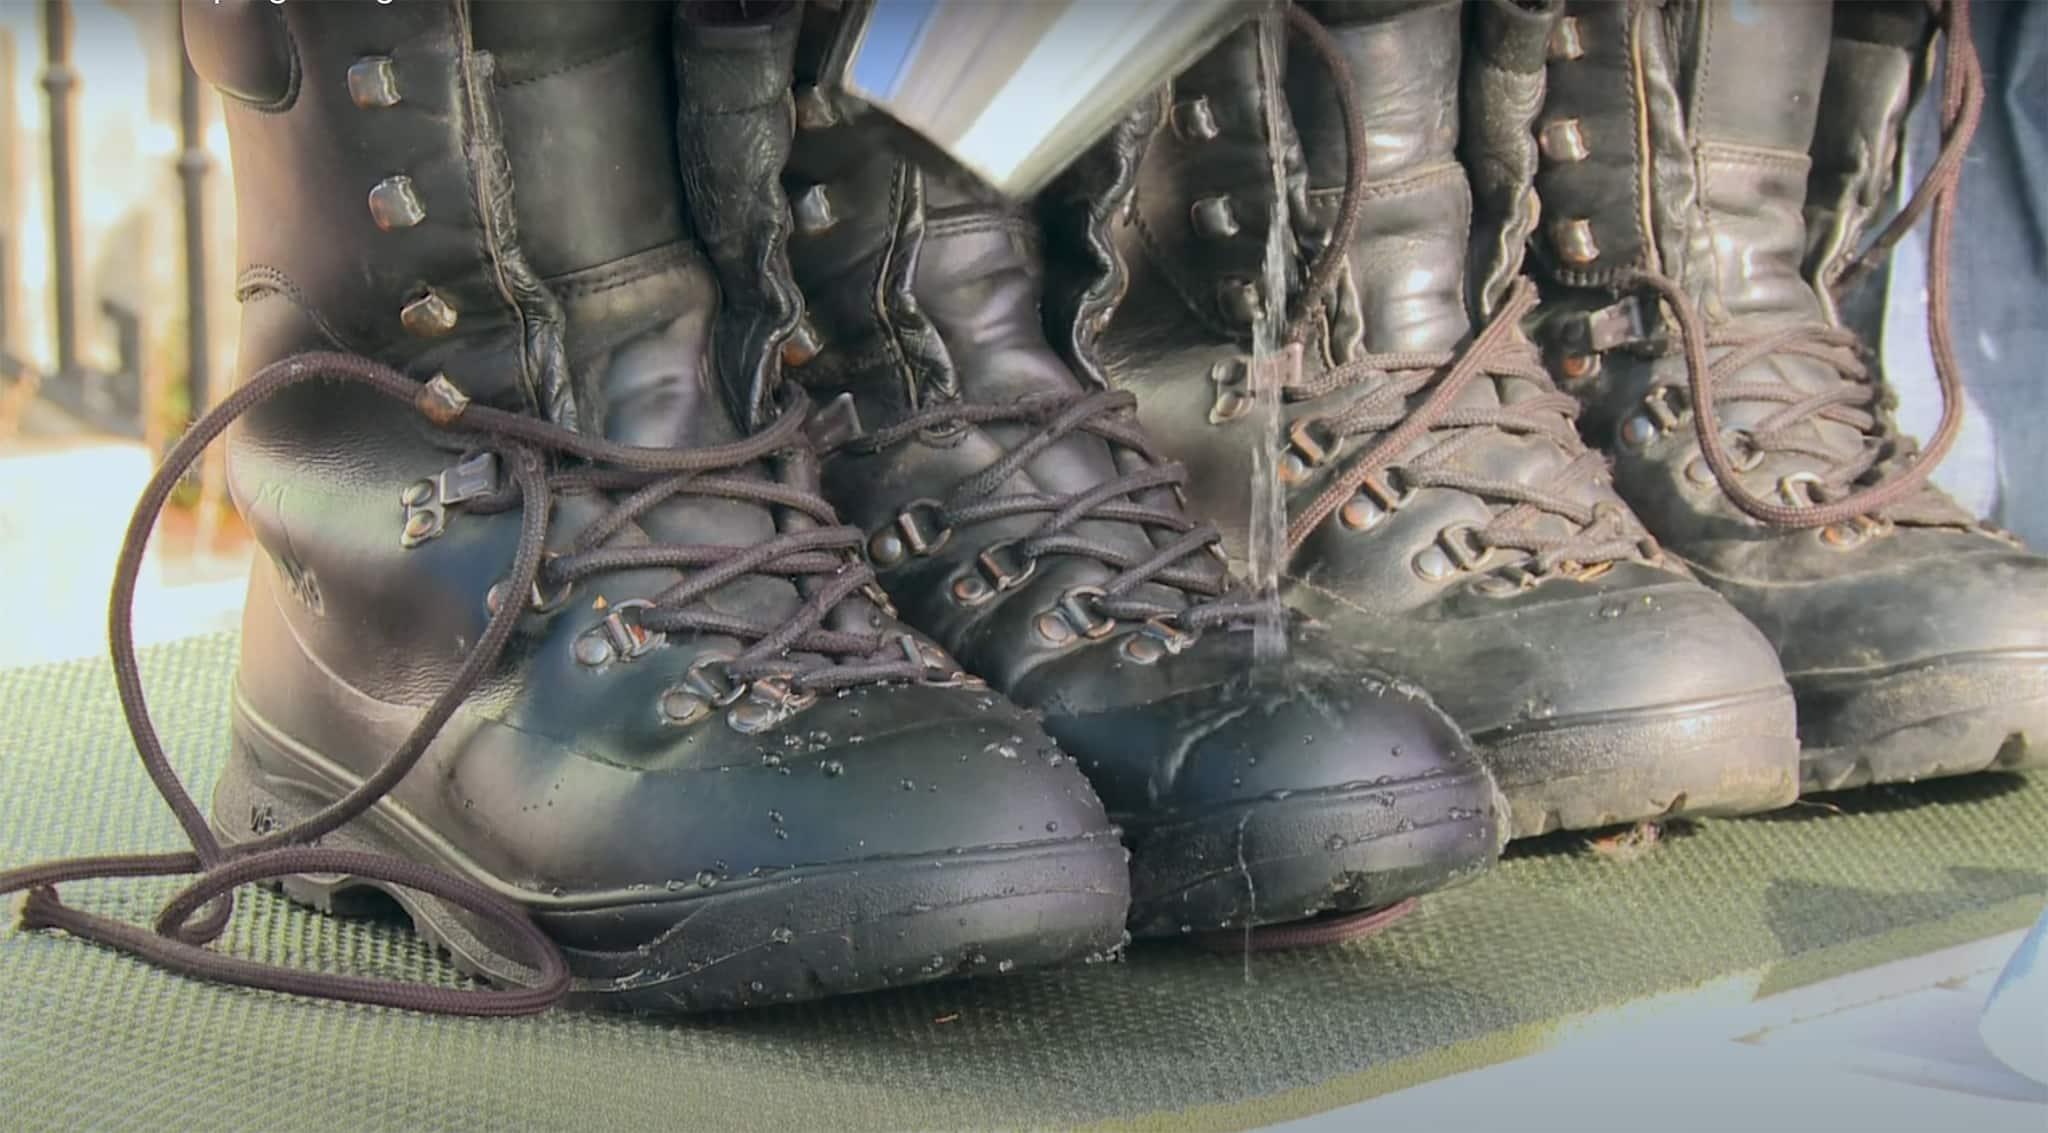 impregnering av tursko, gå inn turskoene, Vedlikehold av Gore-Tex sko